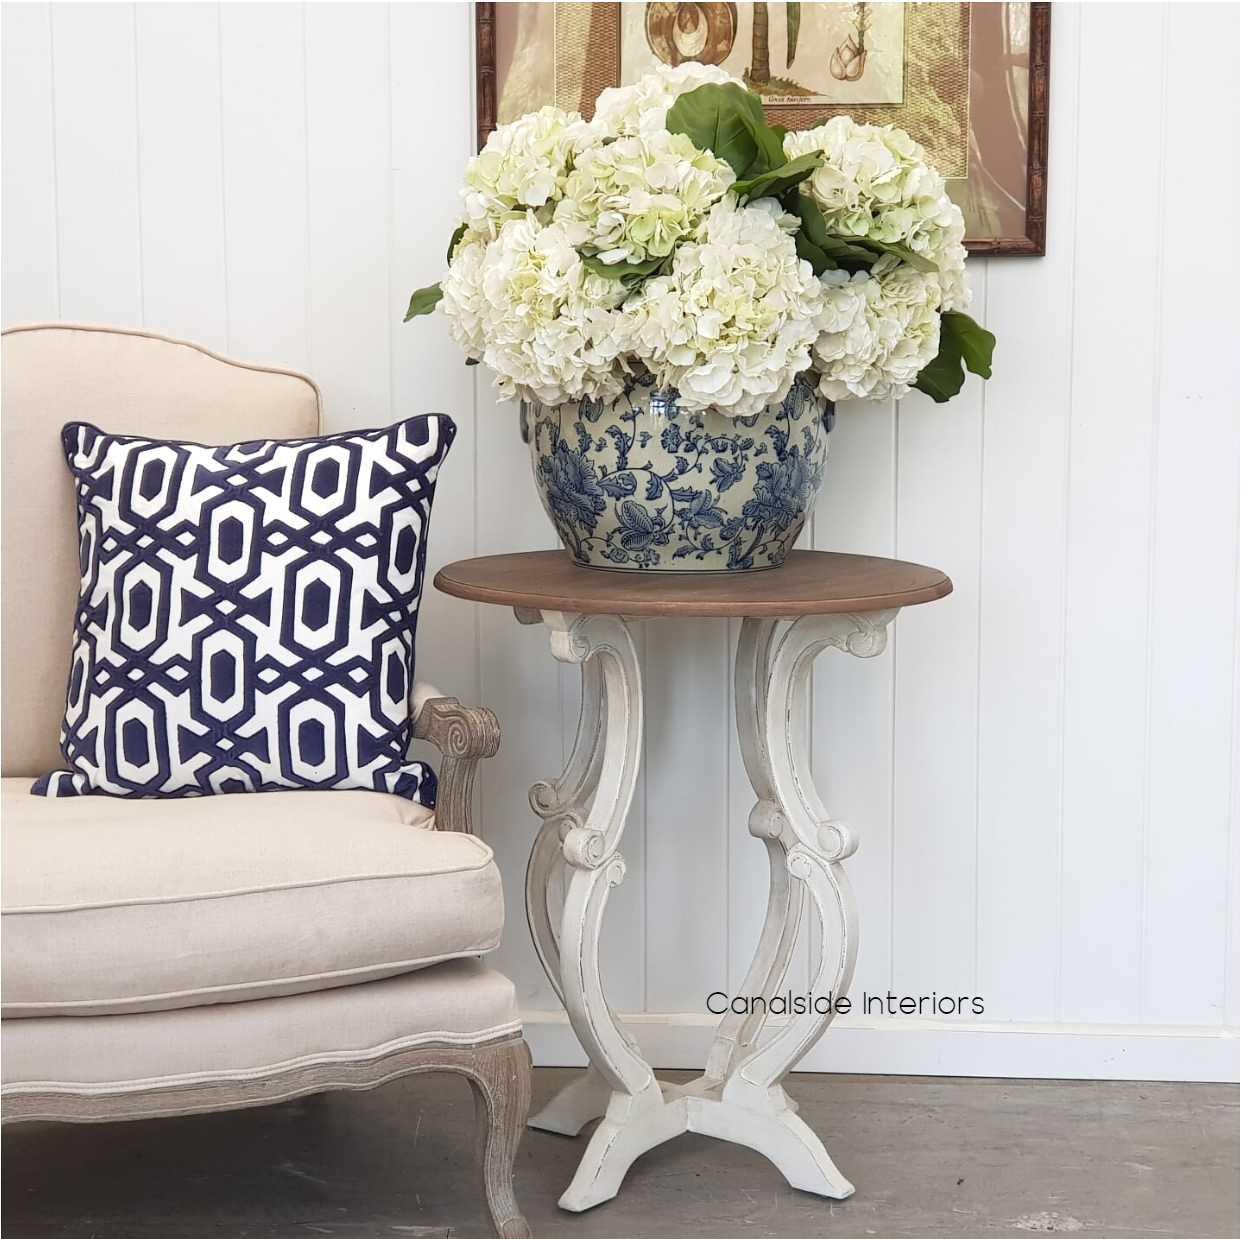 Missandei Side Table